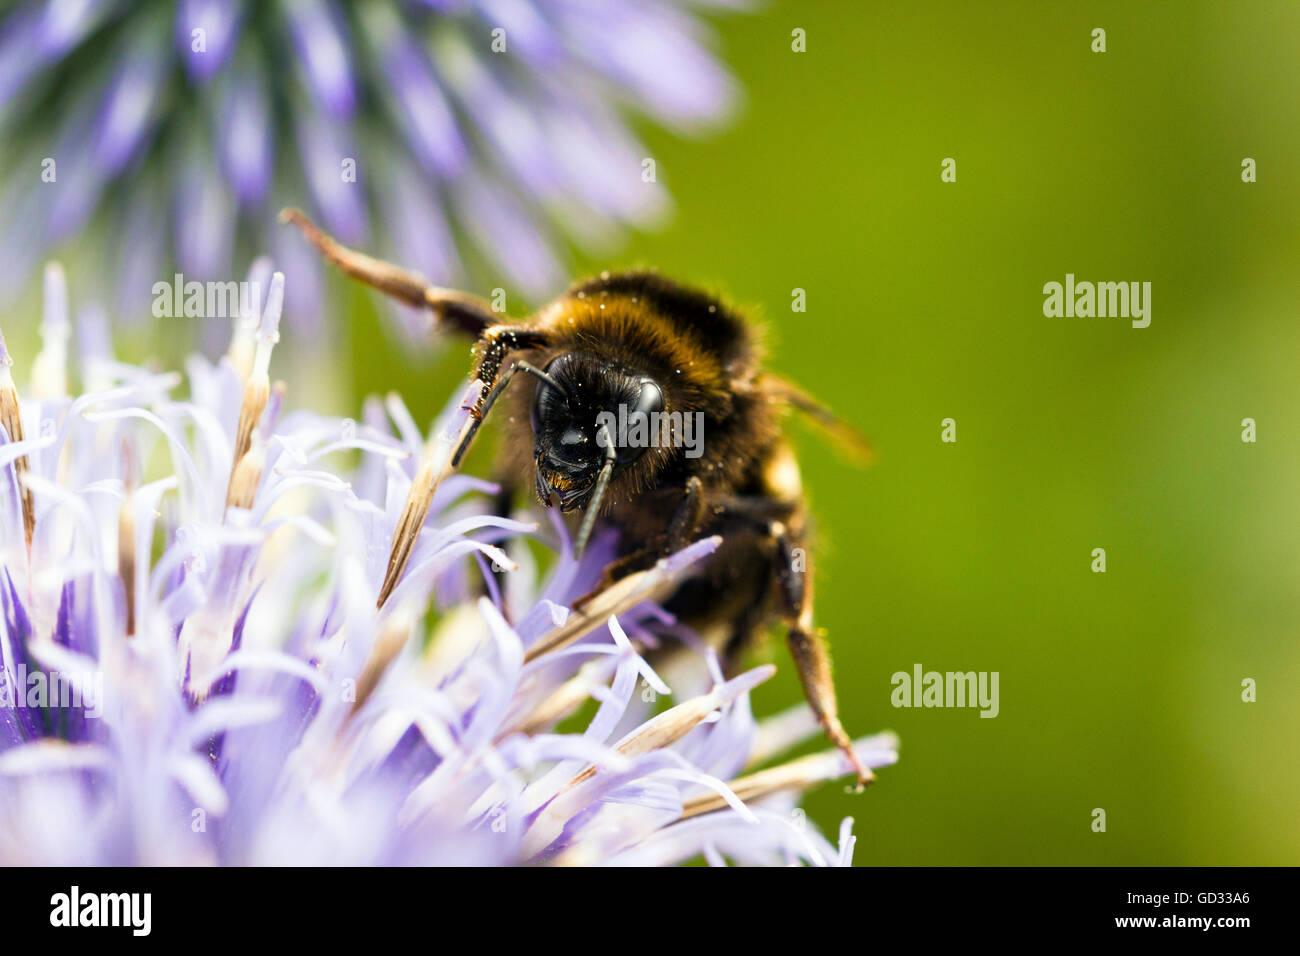 Nahaufnahme einer Biene auf einer Blüte Stockbild